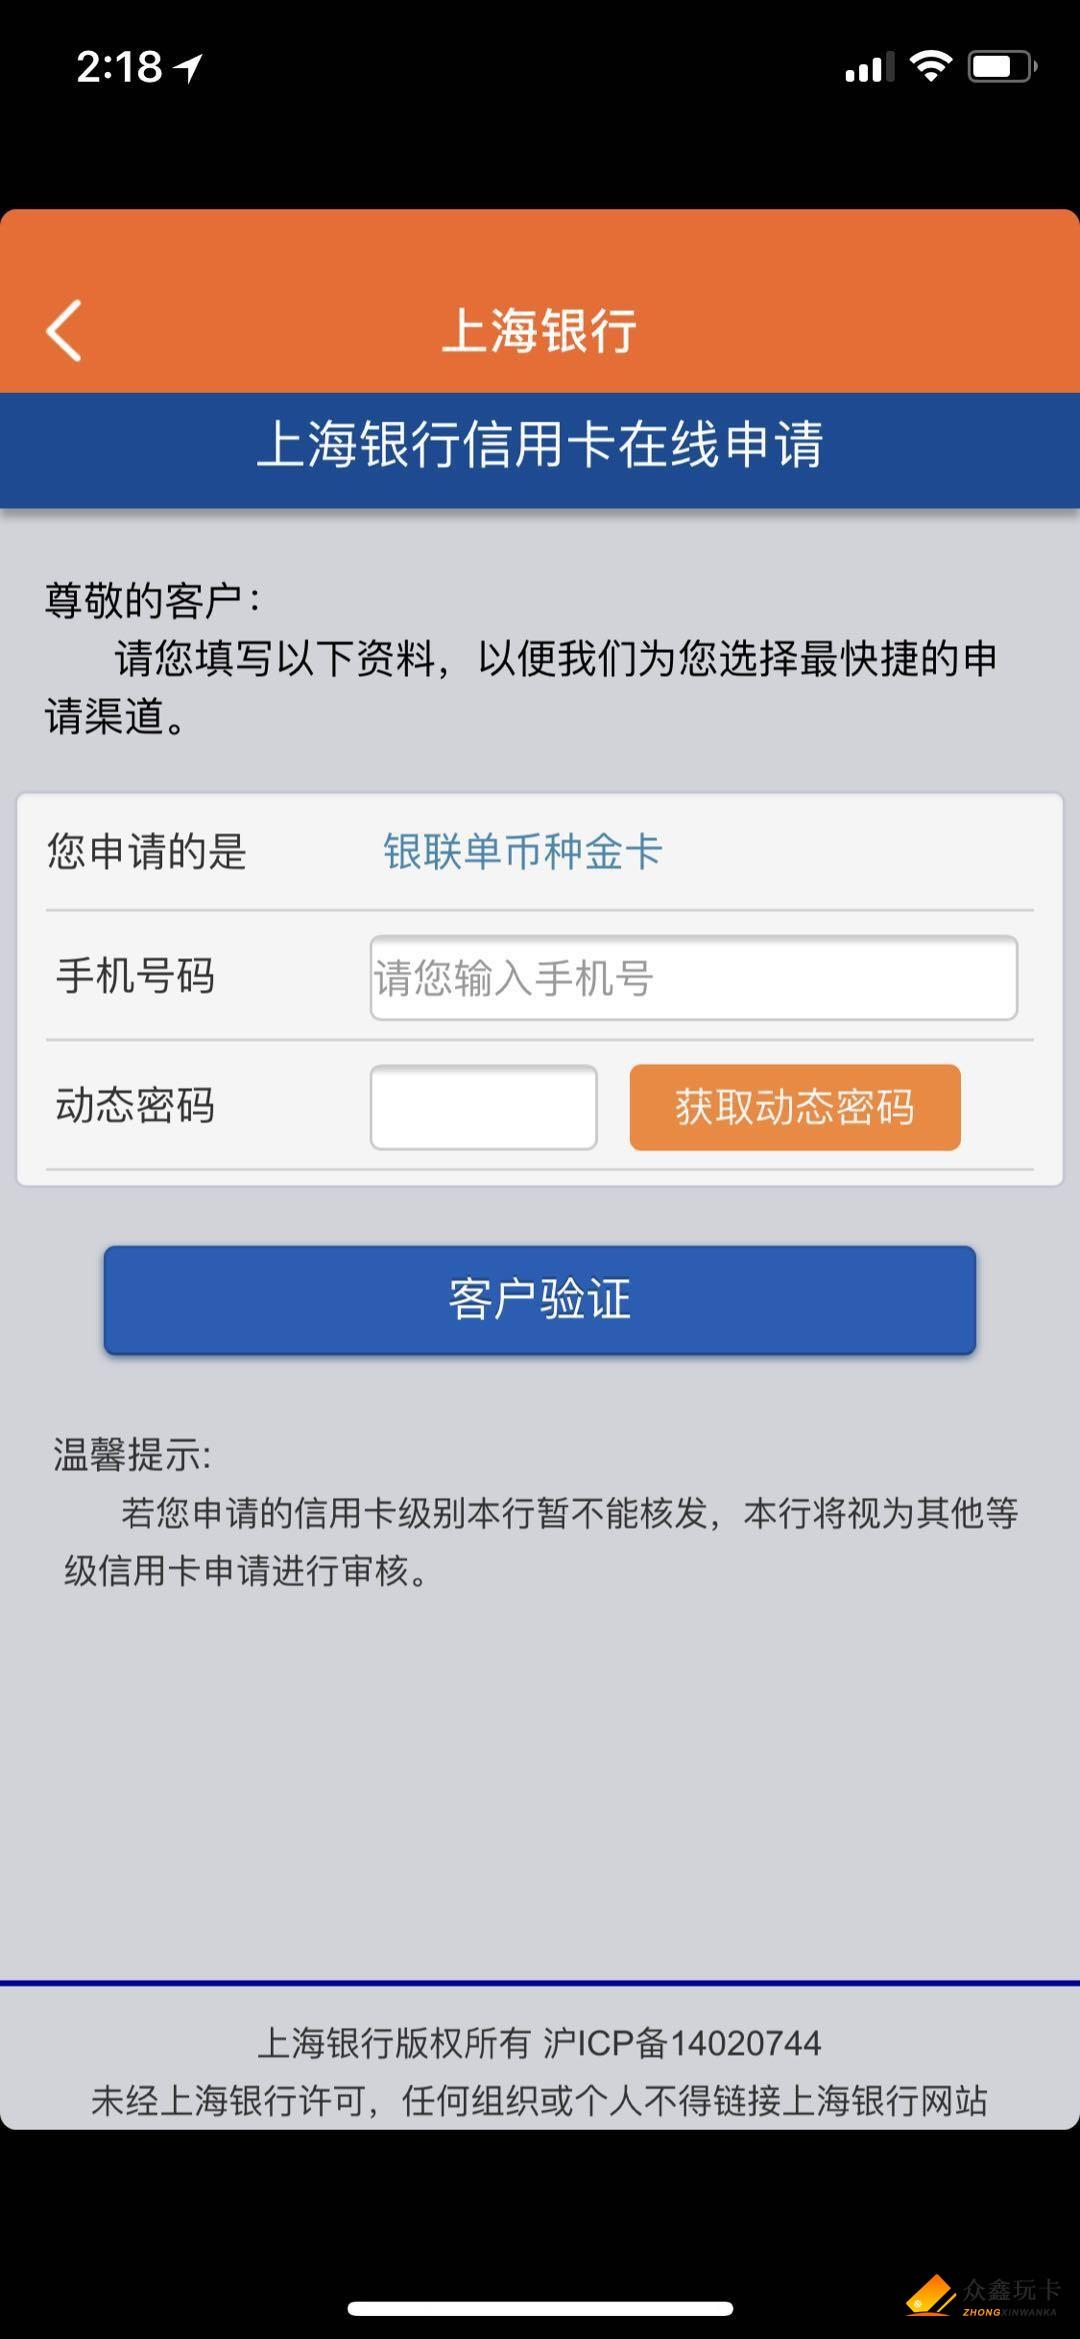 只要没有上海银行信用卡的速度来!全世界收单,秒批口子!没有人工审核!